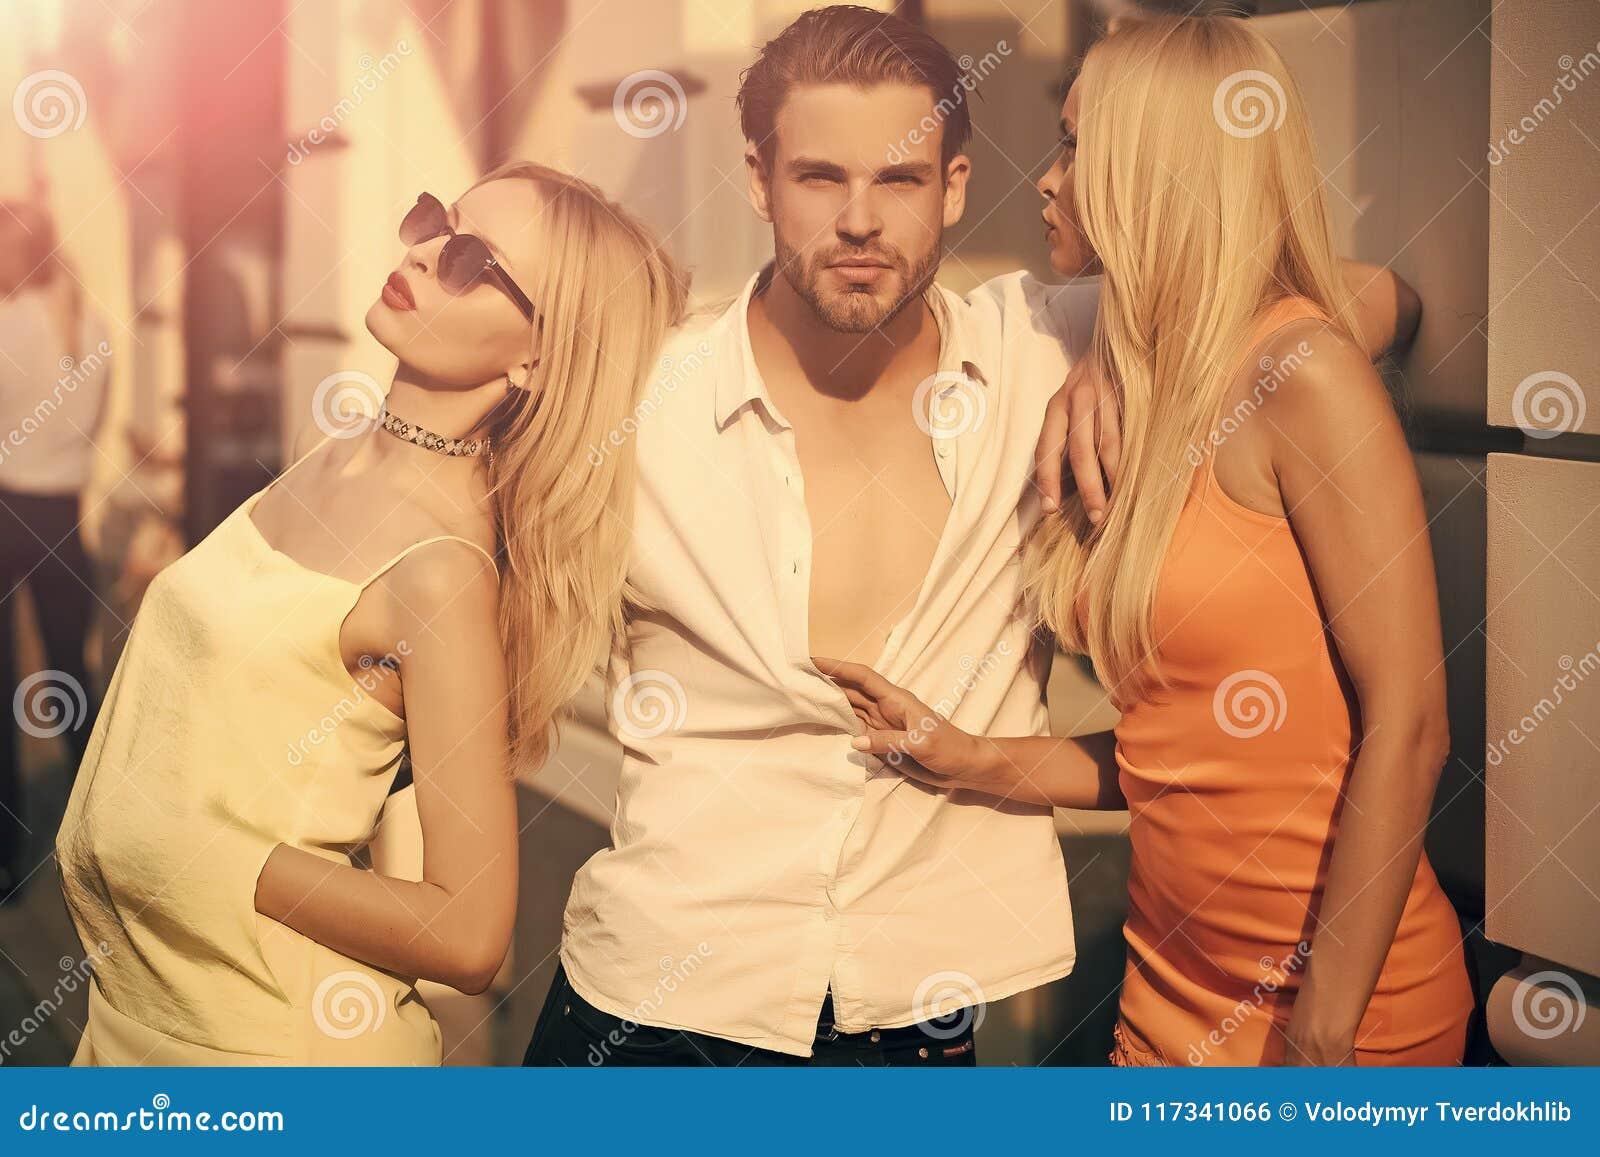 trouver votre visage datant Cougar Dating tendance